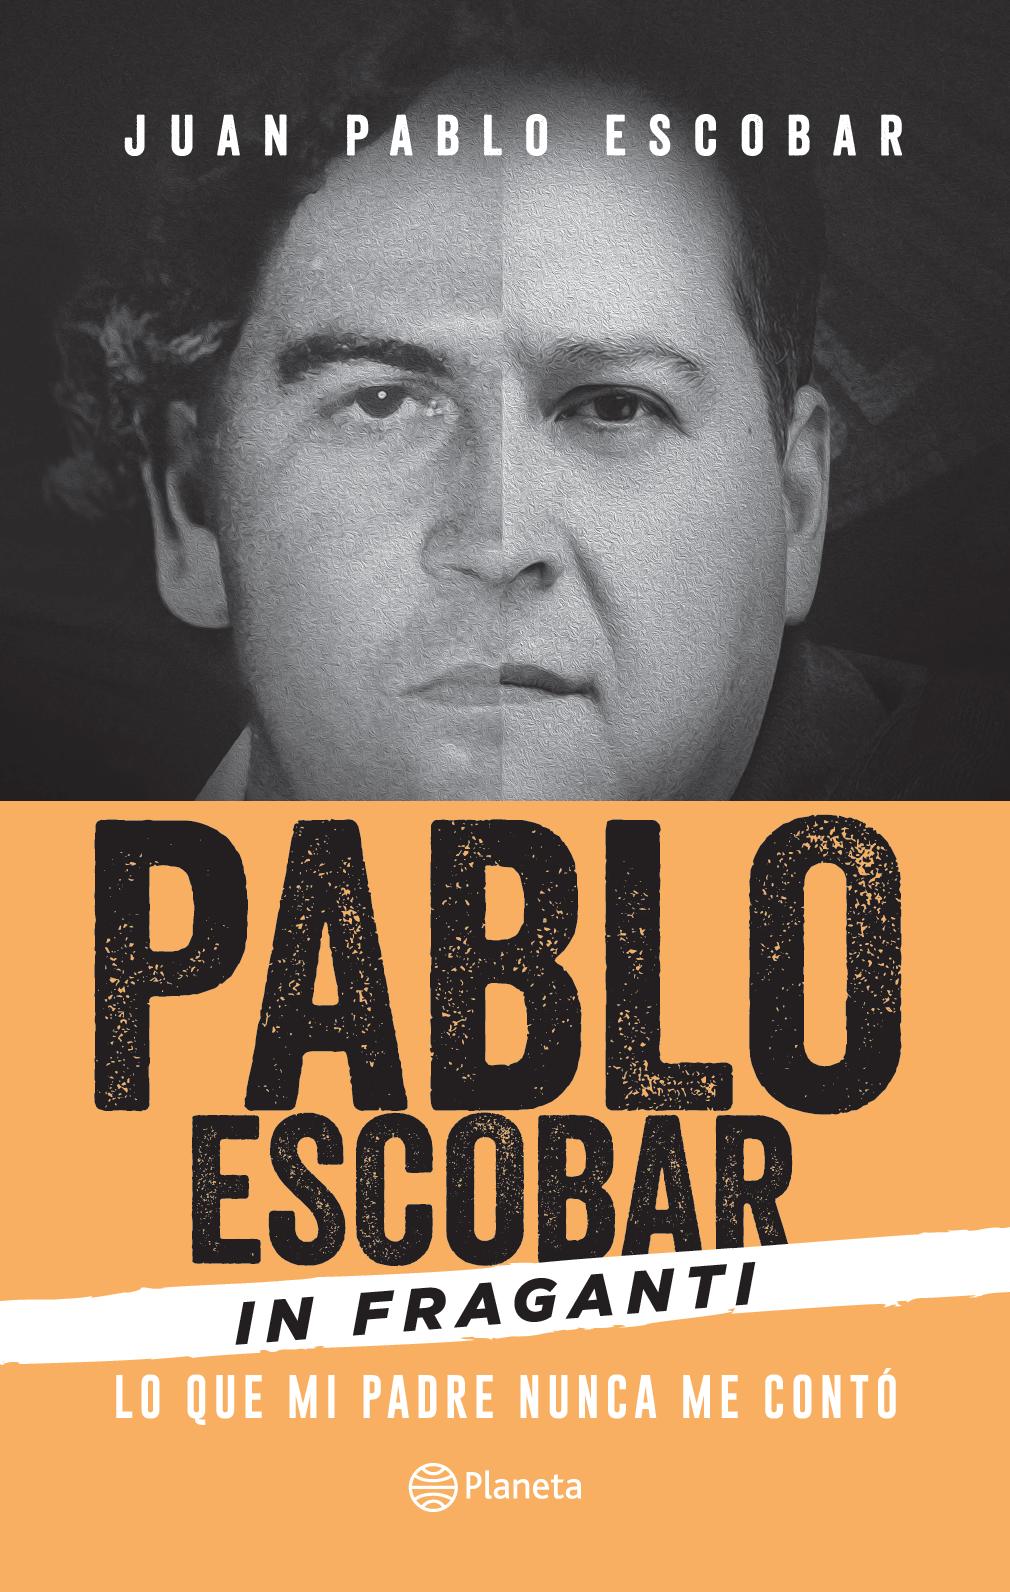 Пабло Эскобар торговал кокаином по заданию ЦРУ